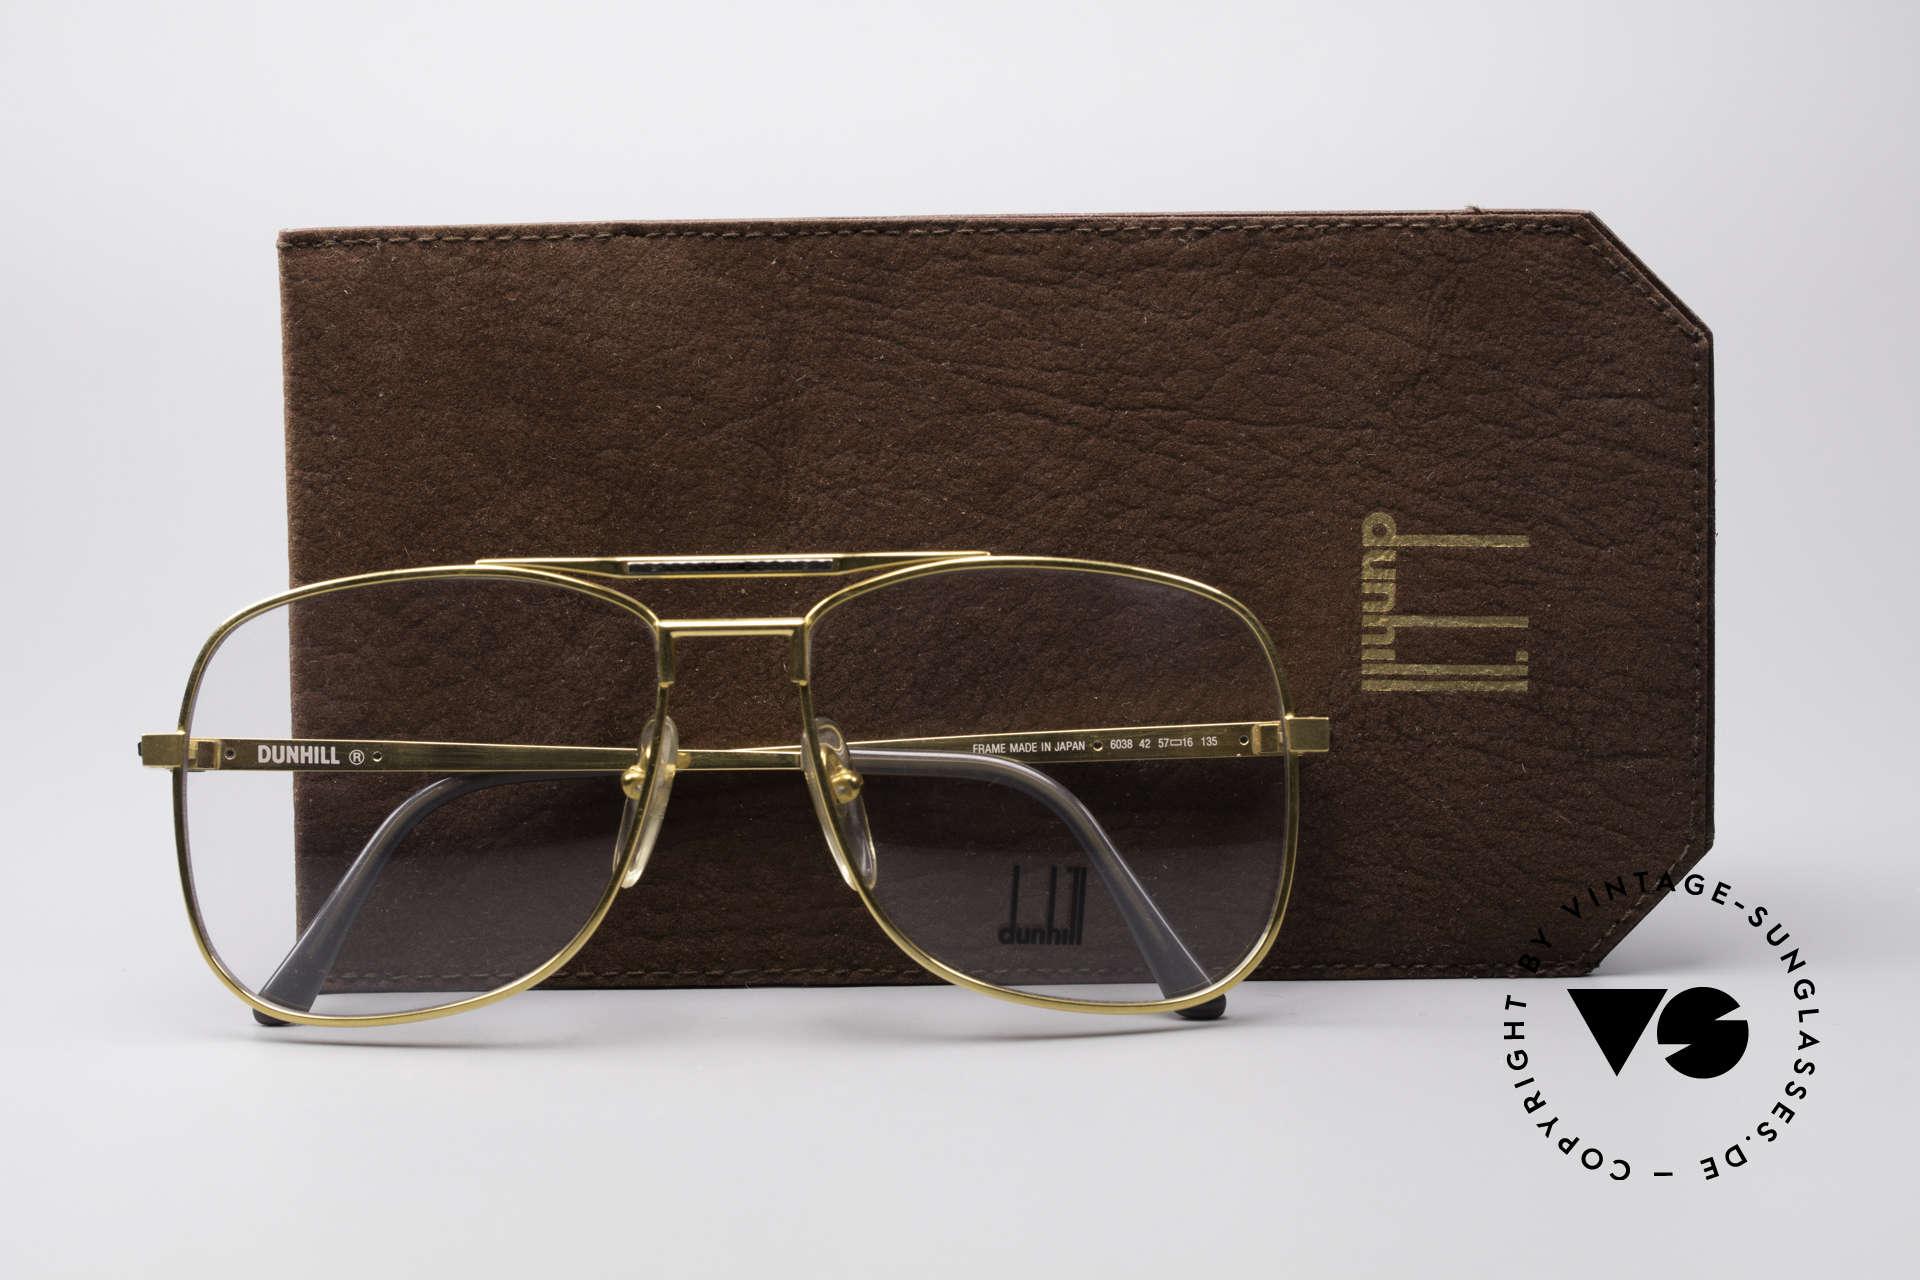 Dunhill 6038 Vergoldete 80er Titanium Brille, Größe: medium, Passend für Herren